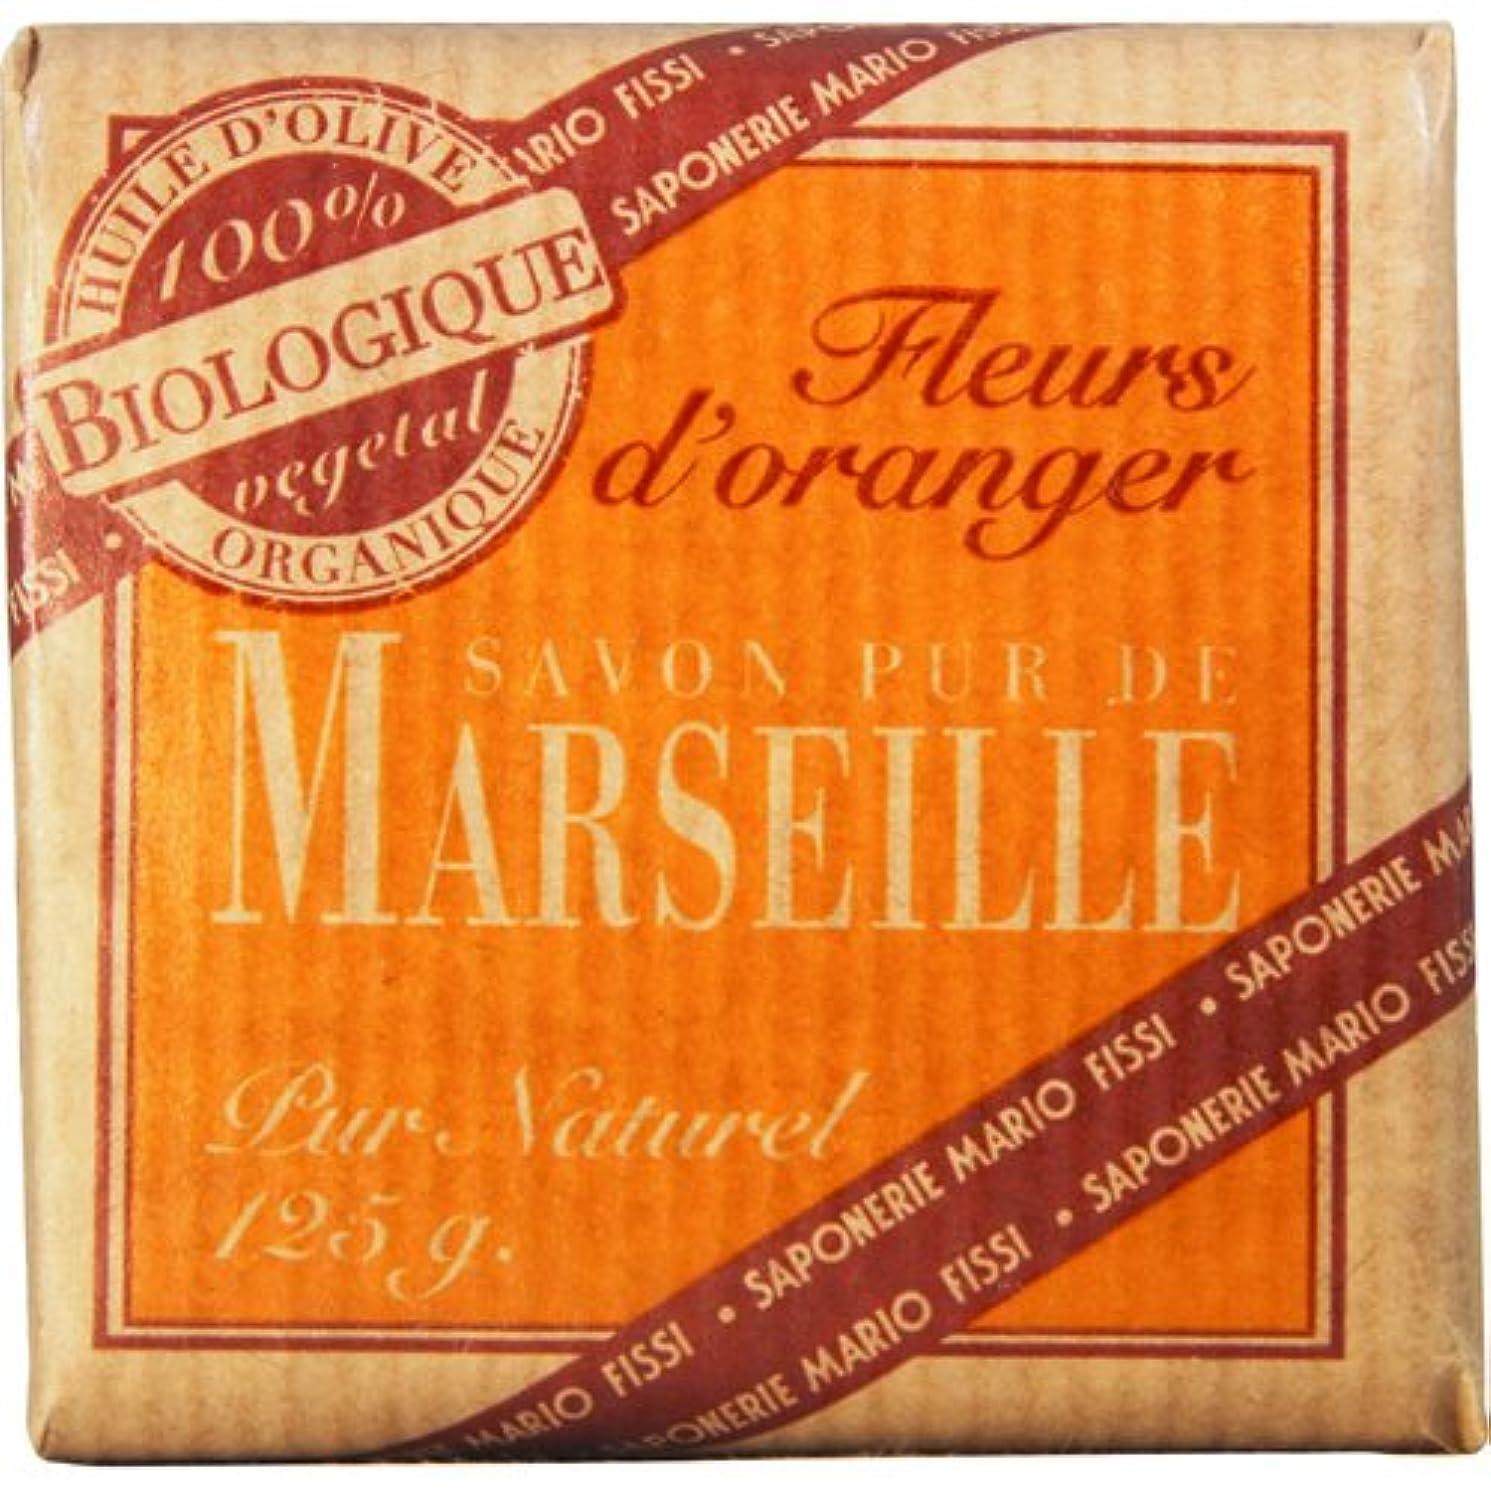 大宇宙ハードウェアクッションSaponerire Fissi マルセイユシリーズ マルセイユソープ 125g Orange Flower オレンジフラワー